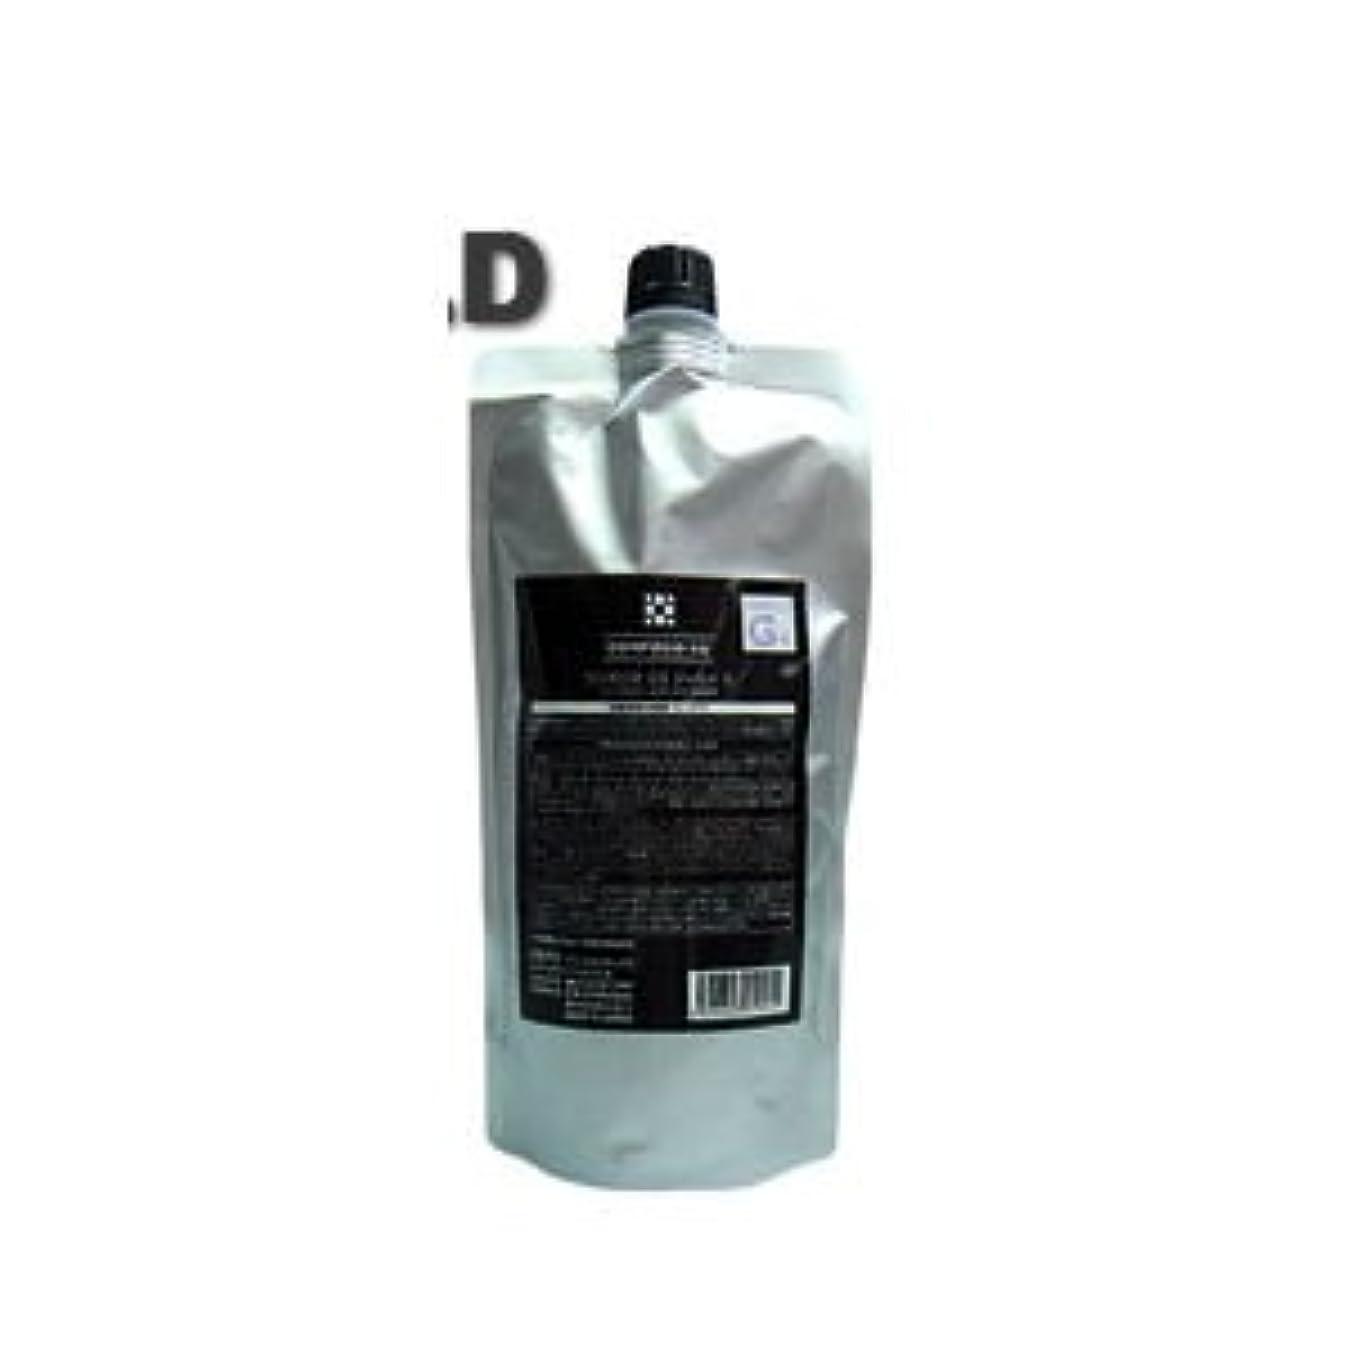 引き金アレキサンダーグラハムベル大胆【X3個セット】 デミ コンポジオ EQ シールド G 450g